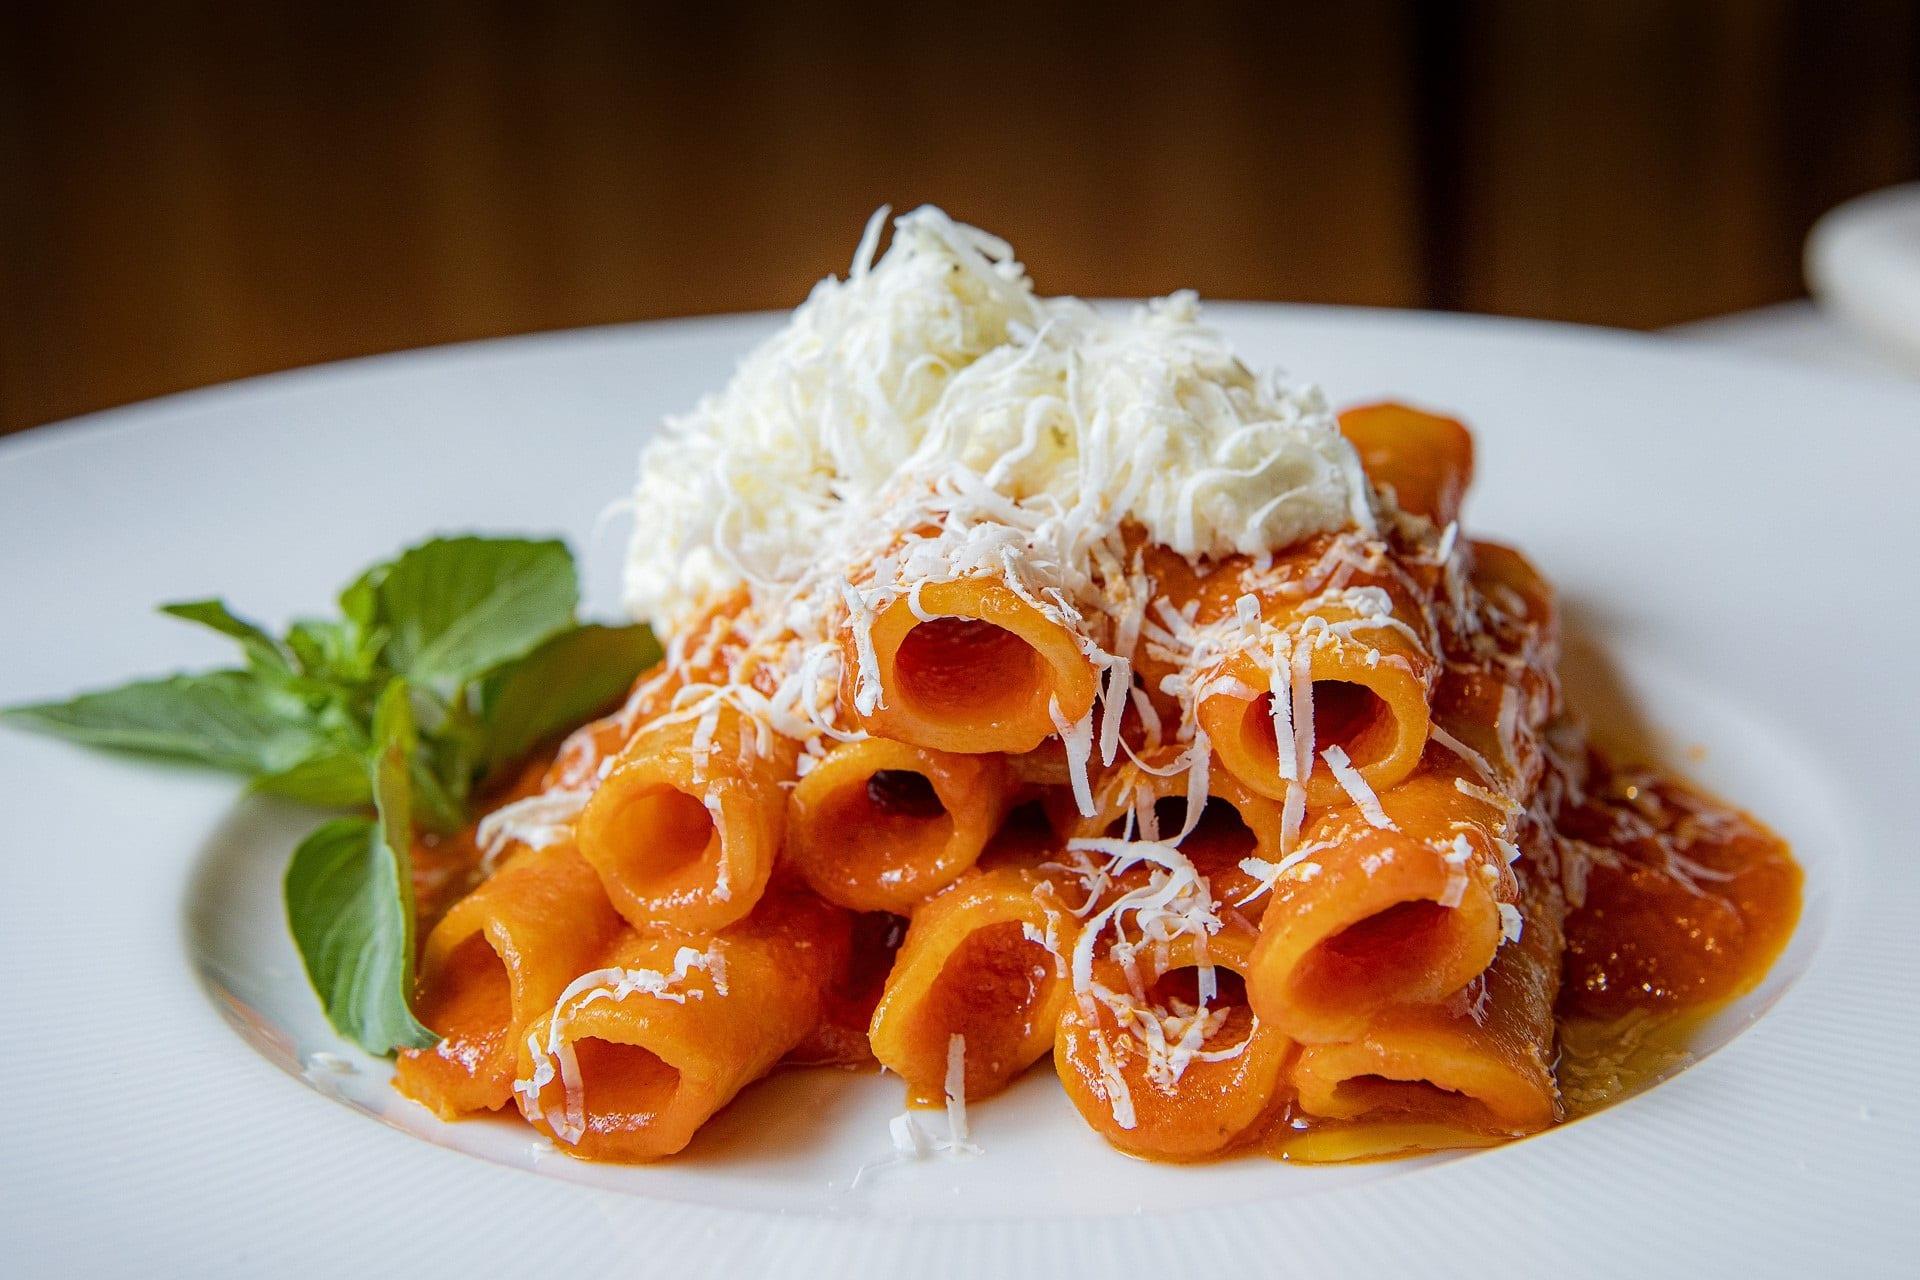 Programmi Tv Di Cucina Americani lidia bastianich: intervista al simbolo d'italia in america